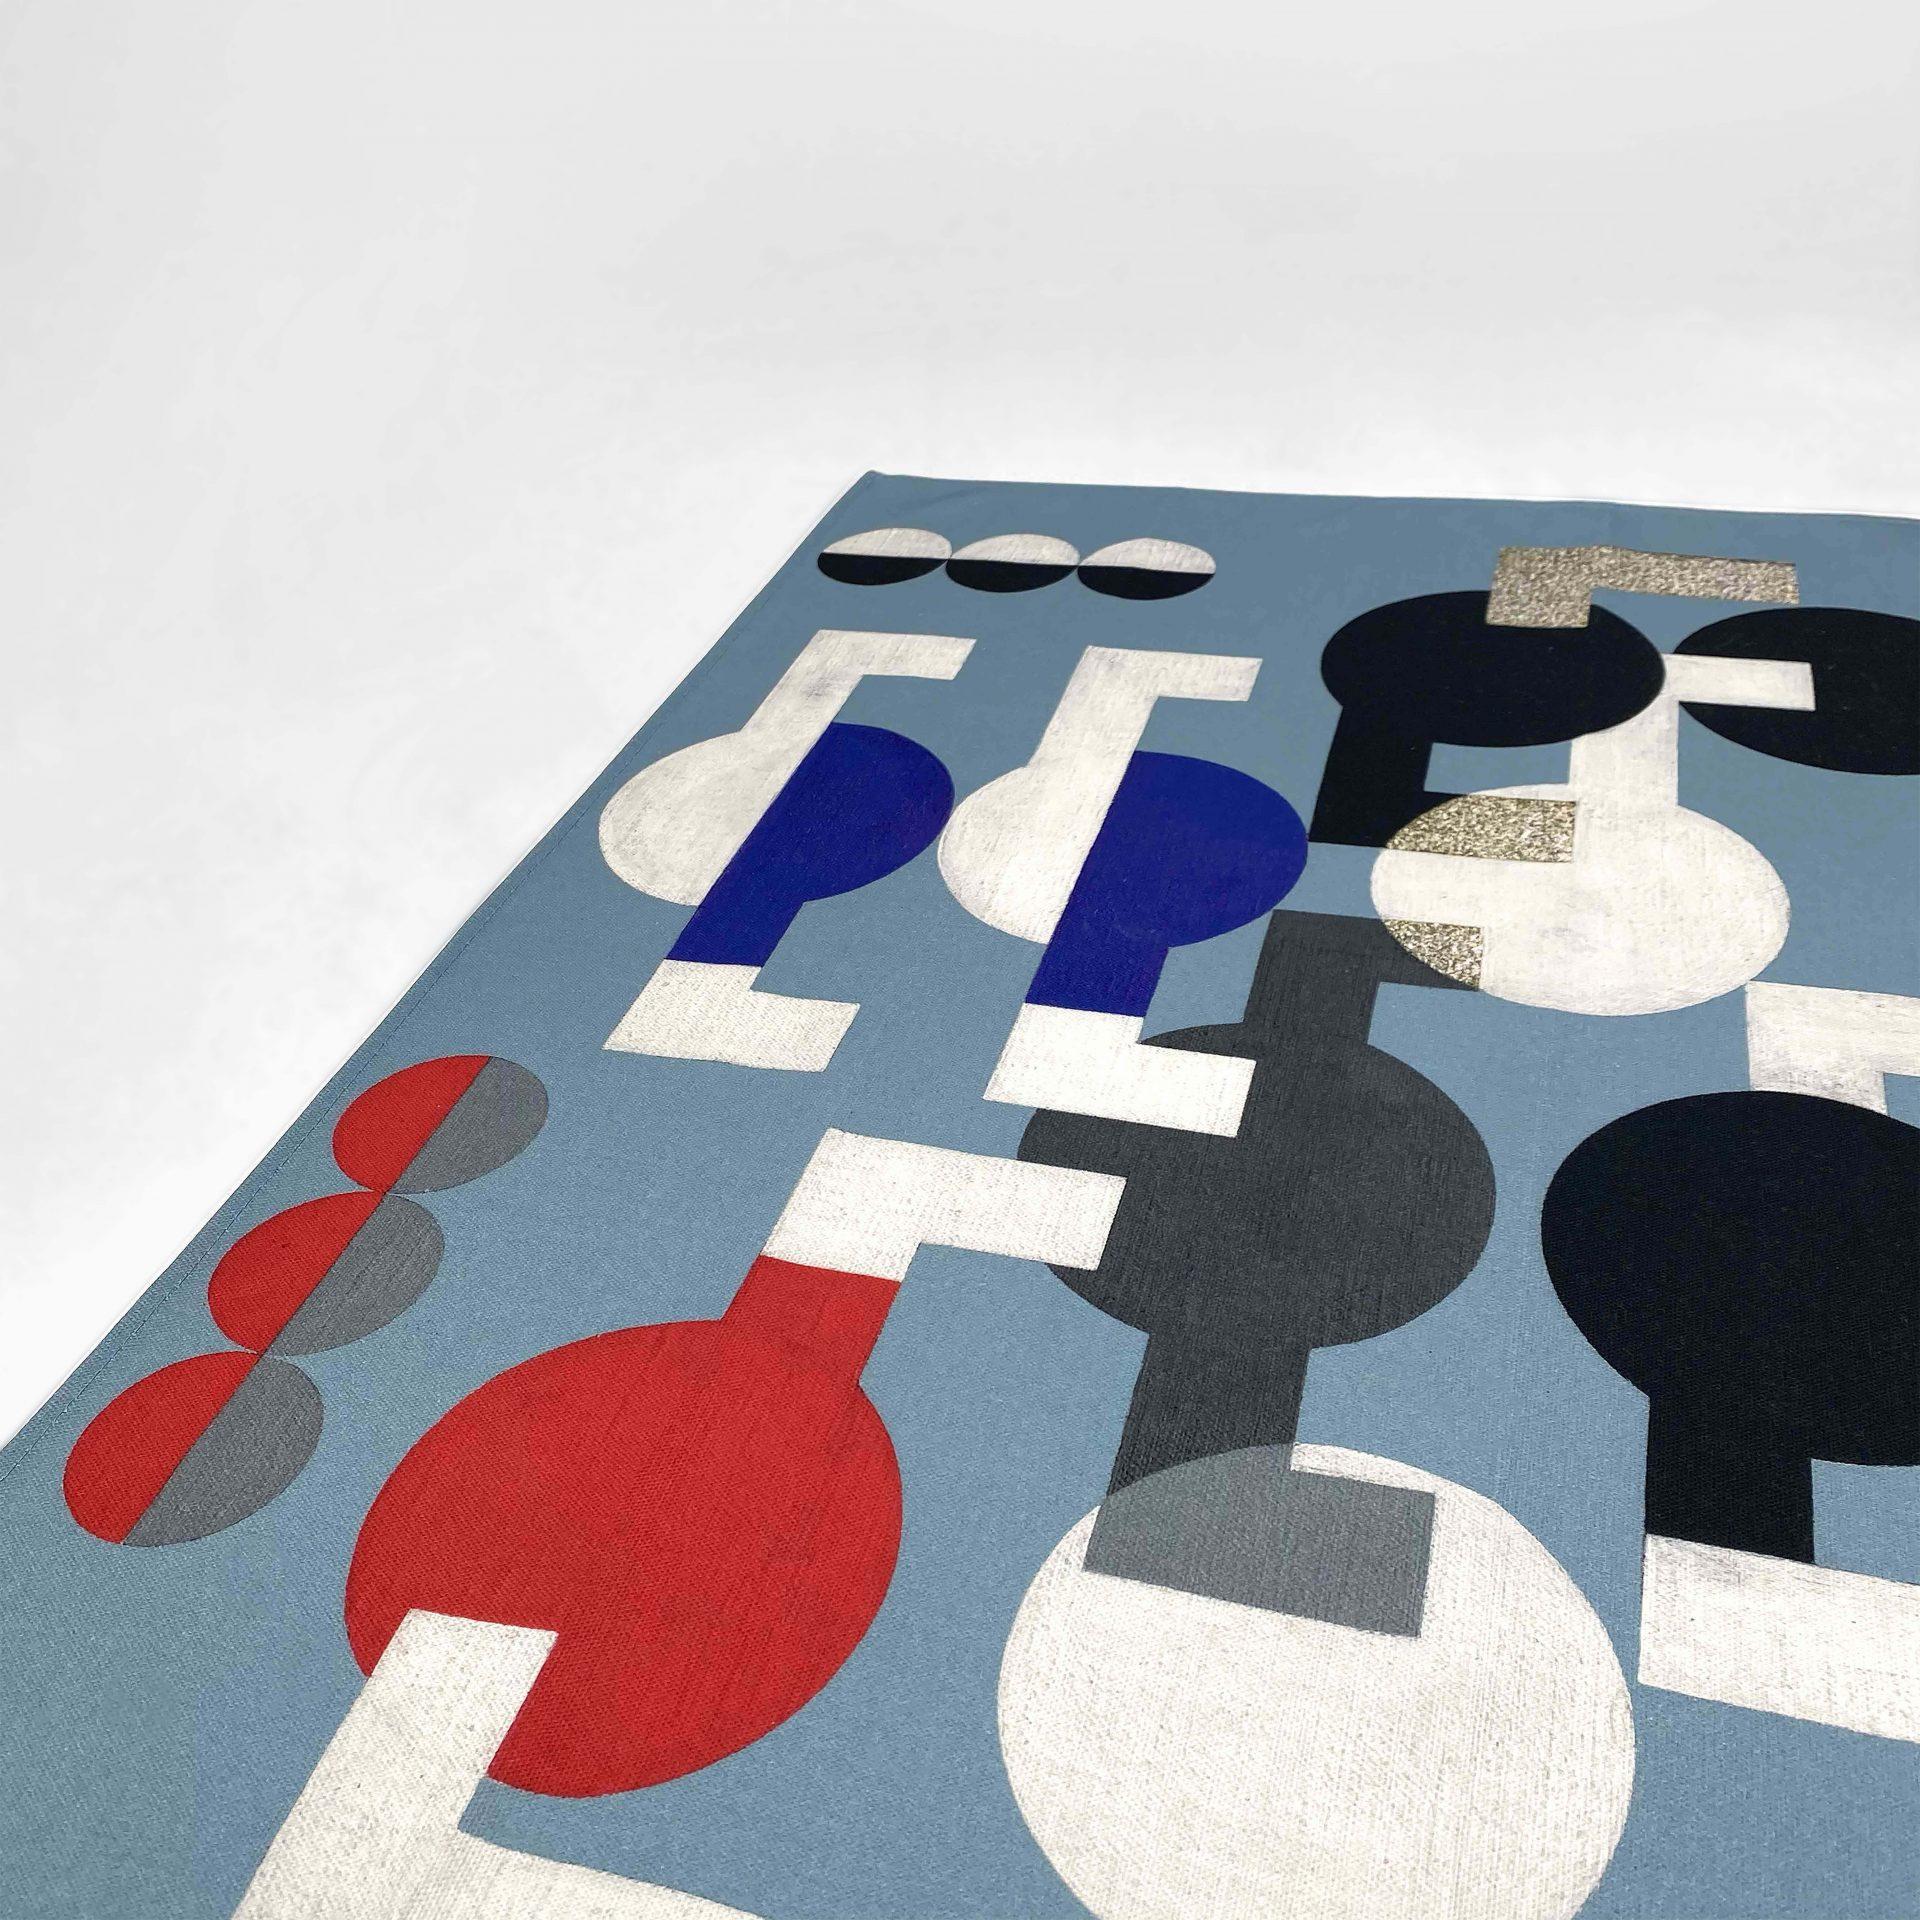 Digitally printed tea towel for Tate Enterprises